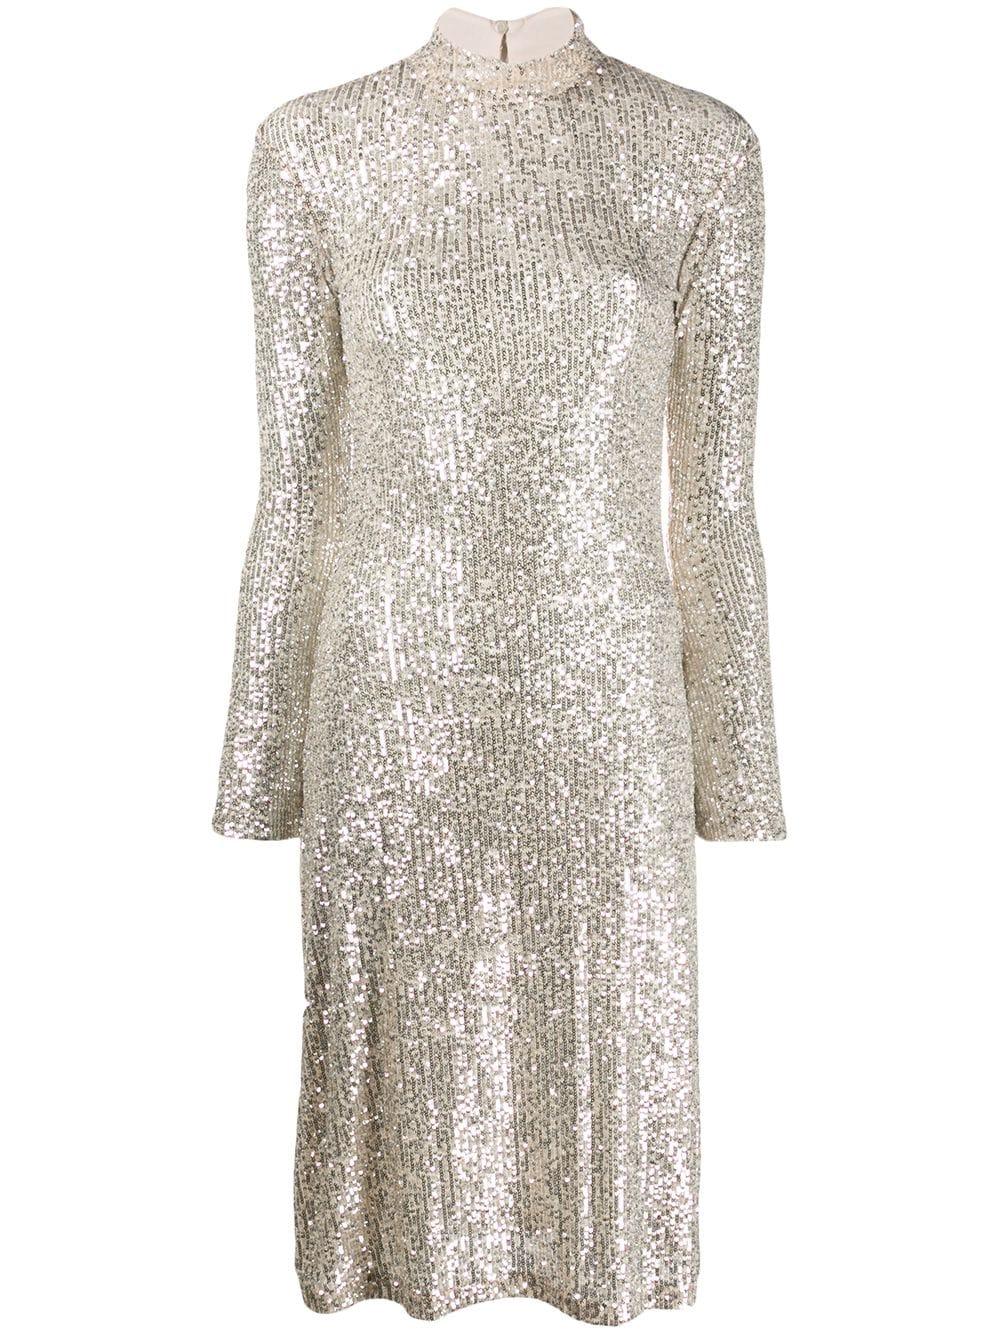 LAutre Chose S & s Dress